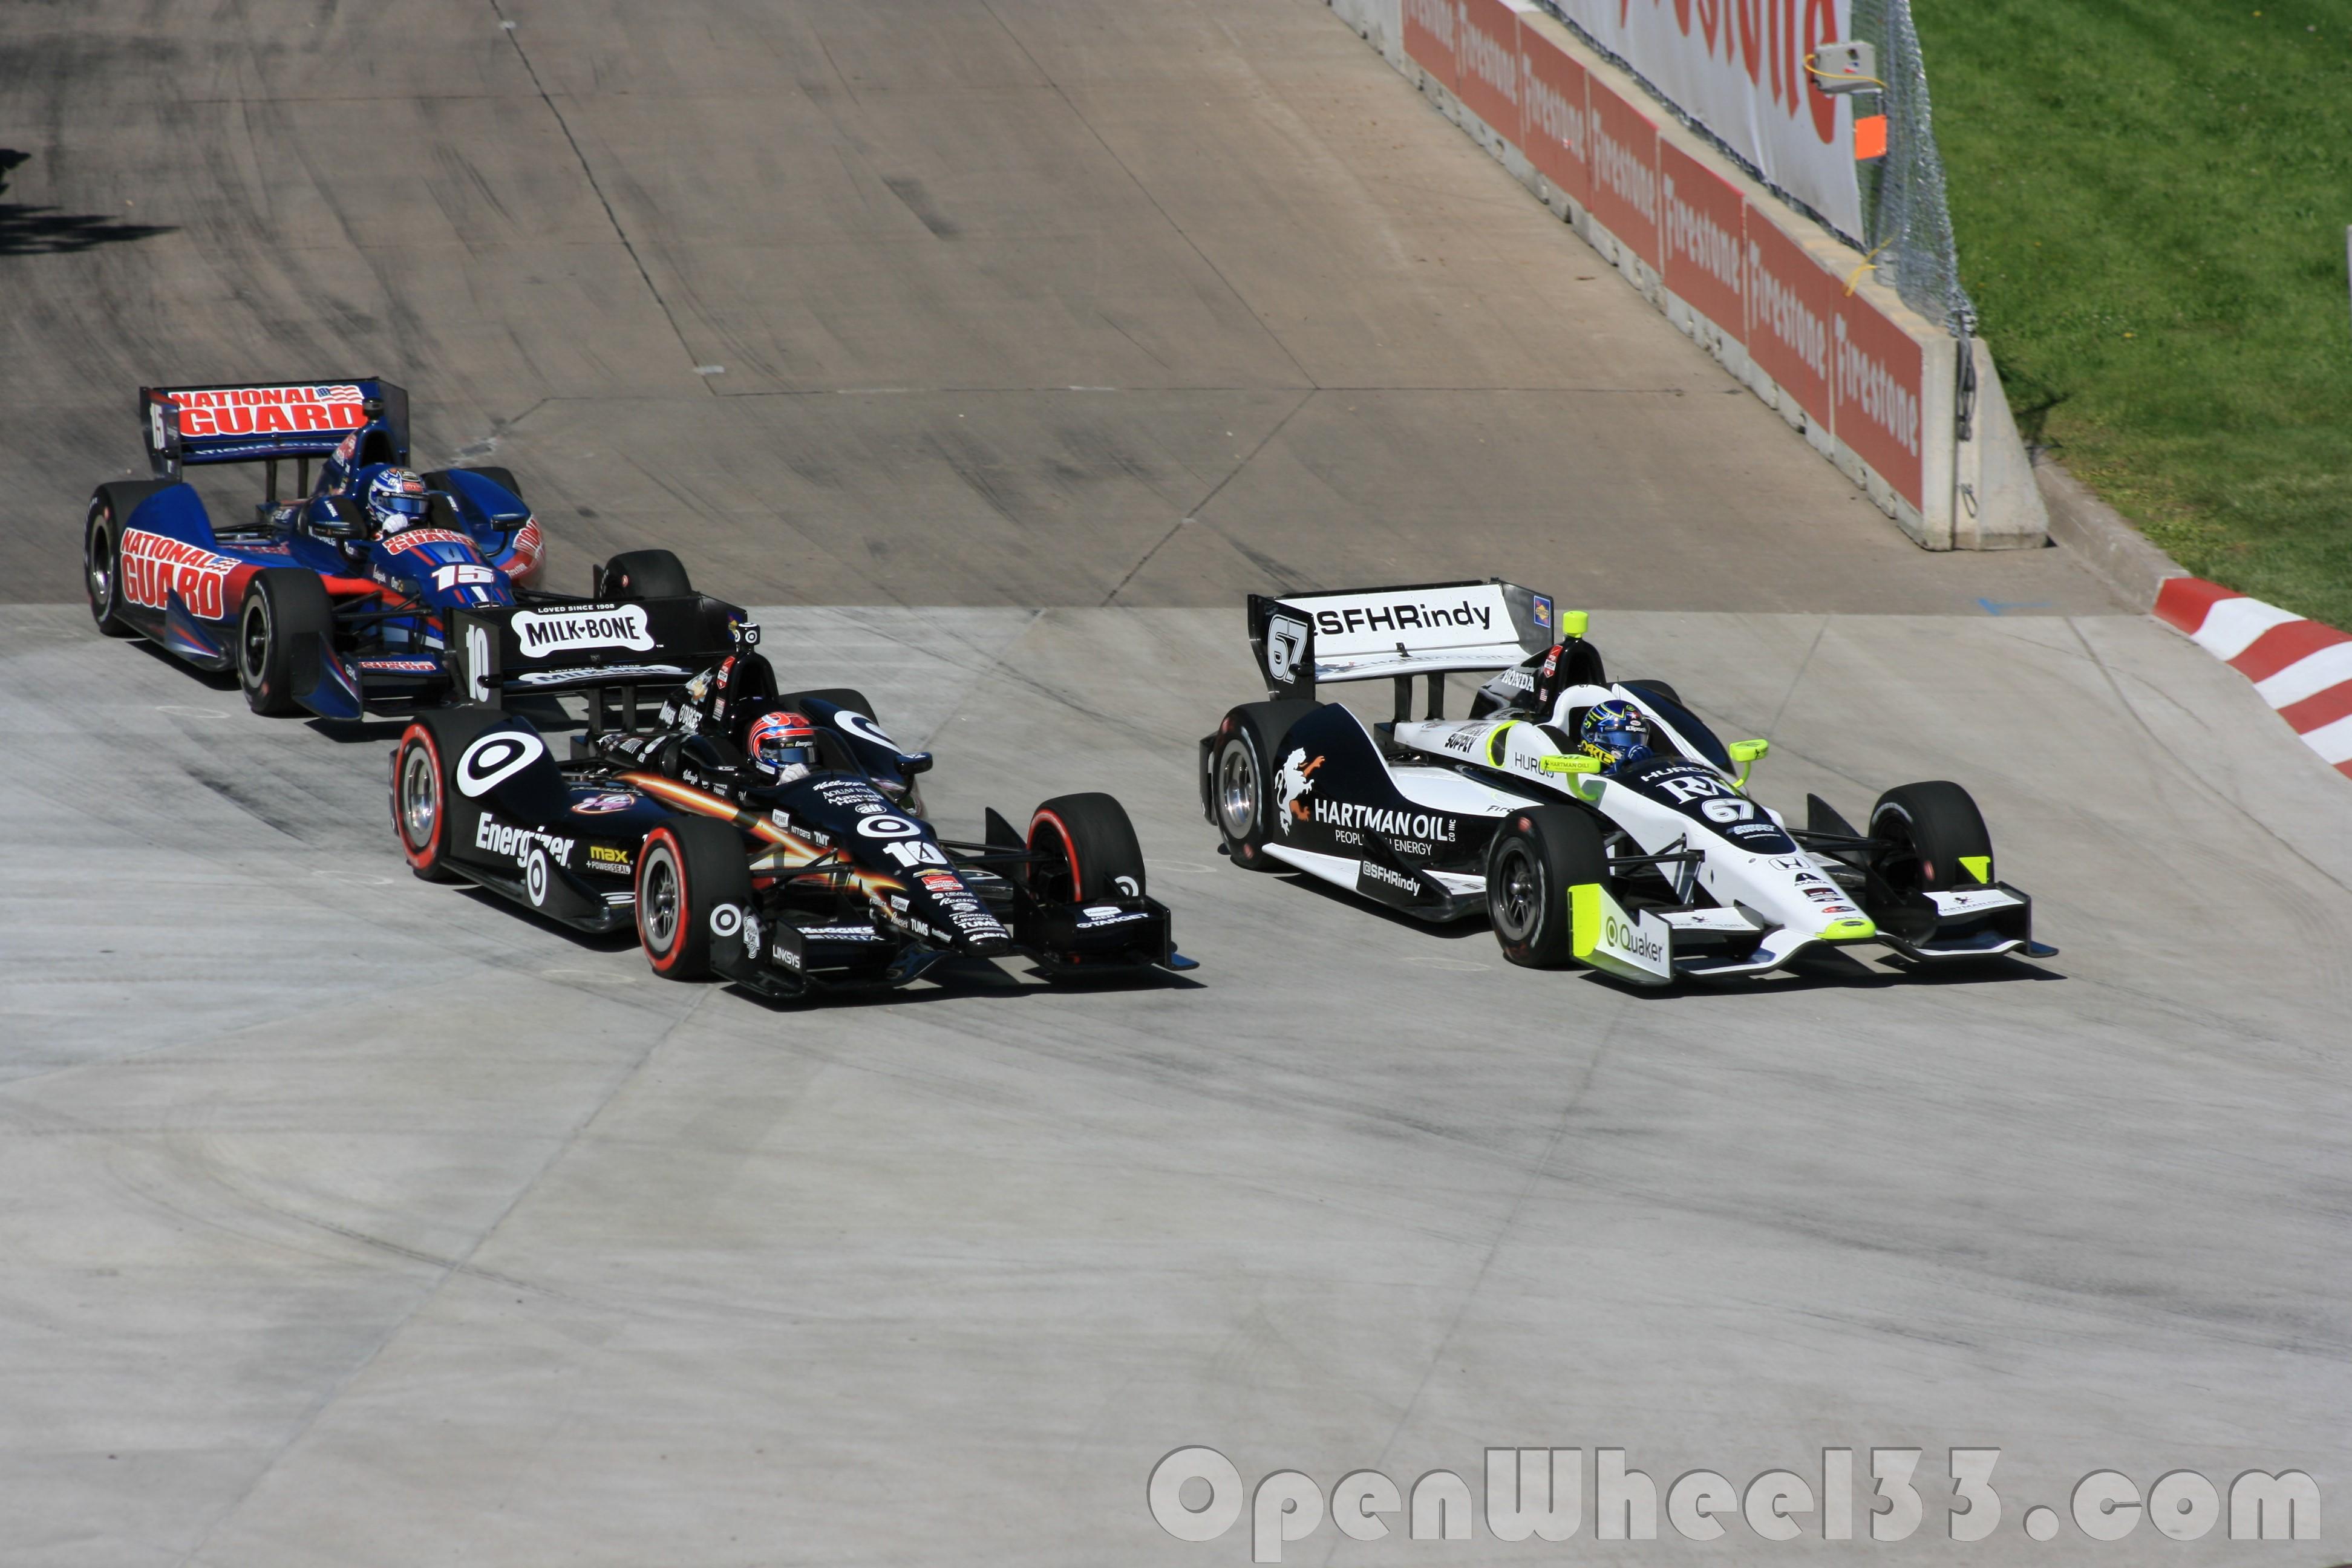 2014 Detroit GP R1 - 65 - PH